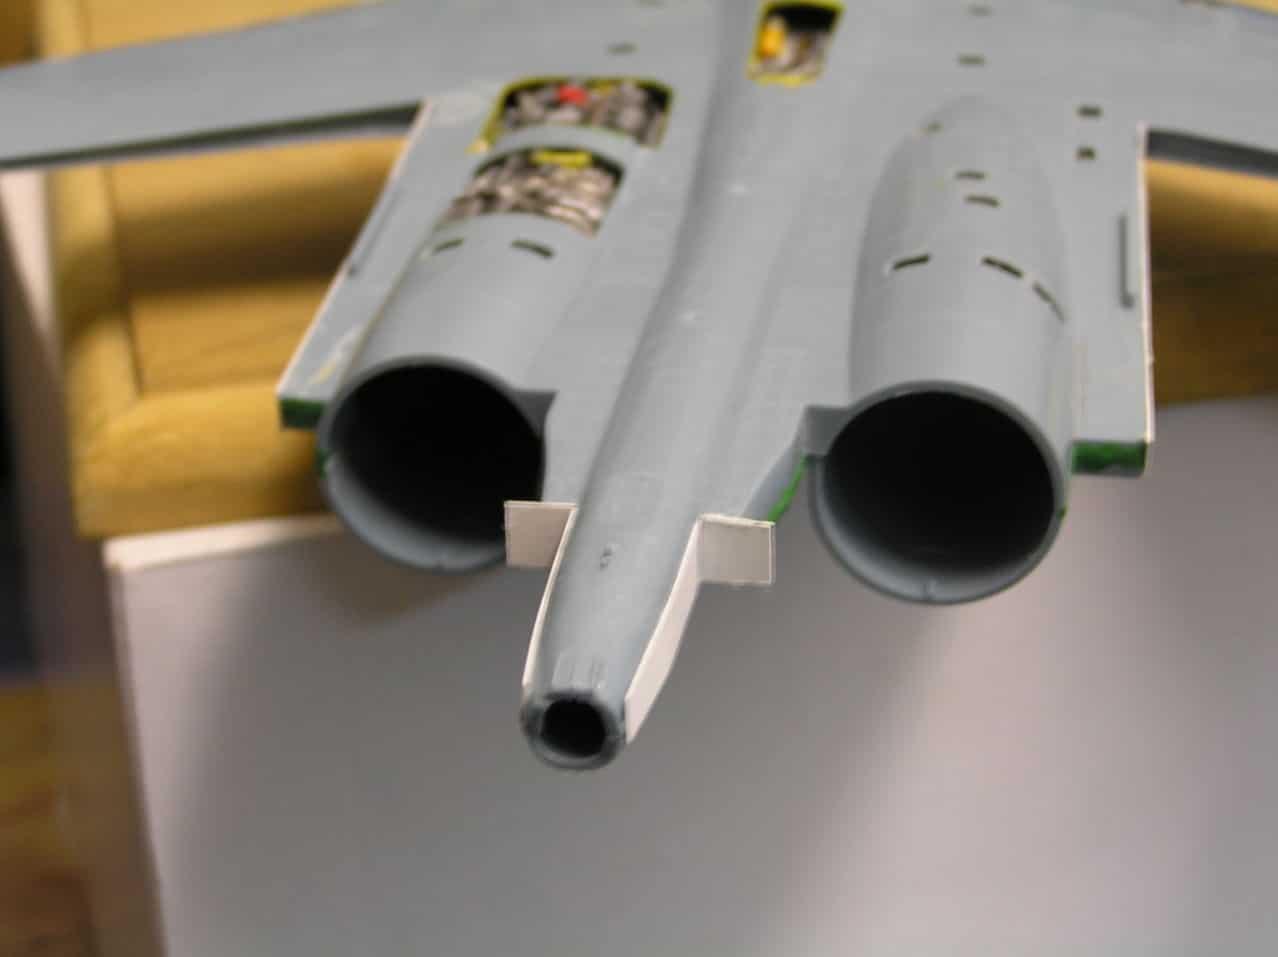 ...καπως ετσι αρχισαν ολα...Su-27  και τα μυαλα στα καγκελα... - Σελίδα 2 P1120149